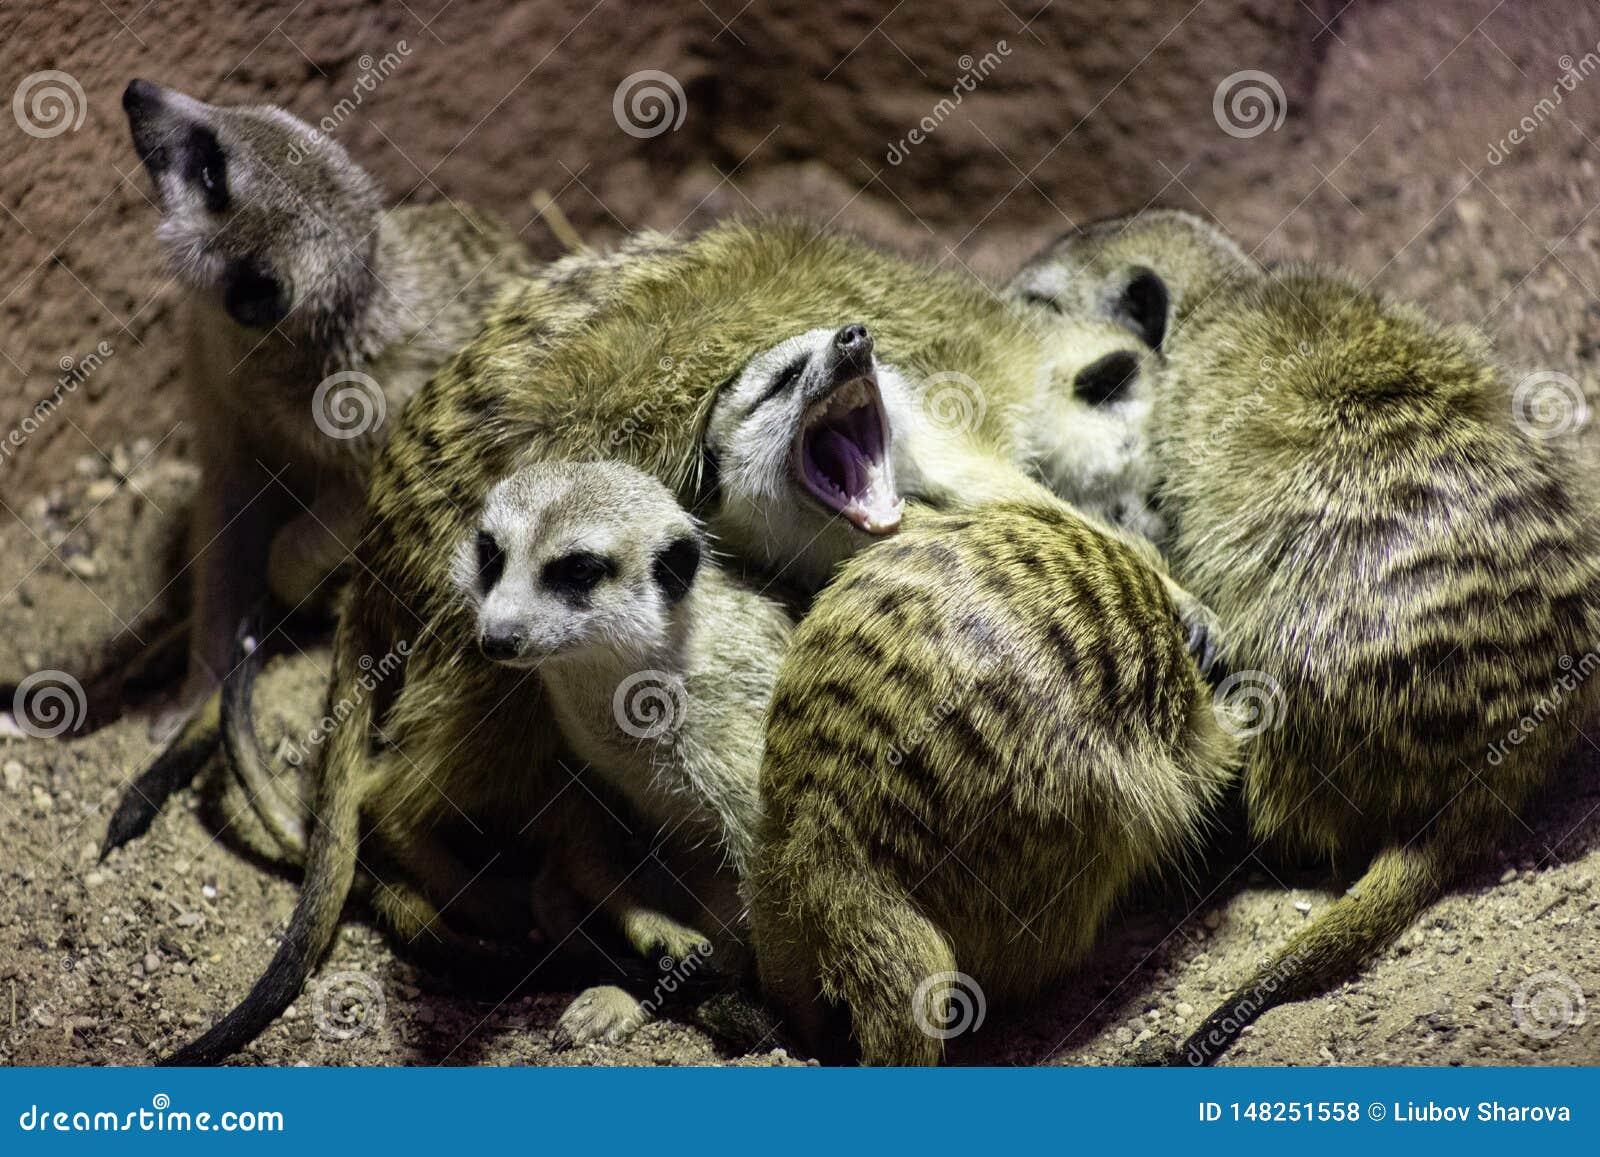 Meerkat-Suricatasamen sowie -insekten, alias meerkats schlafen zusammen in einem Haufen, süßes Gegähne eins